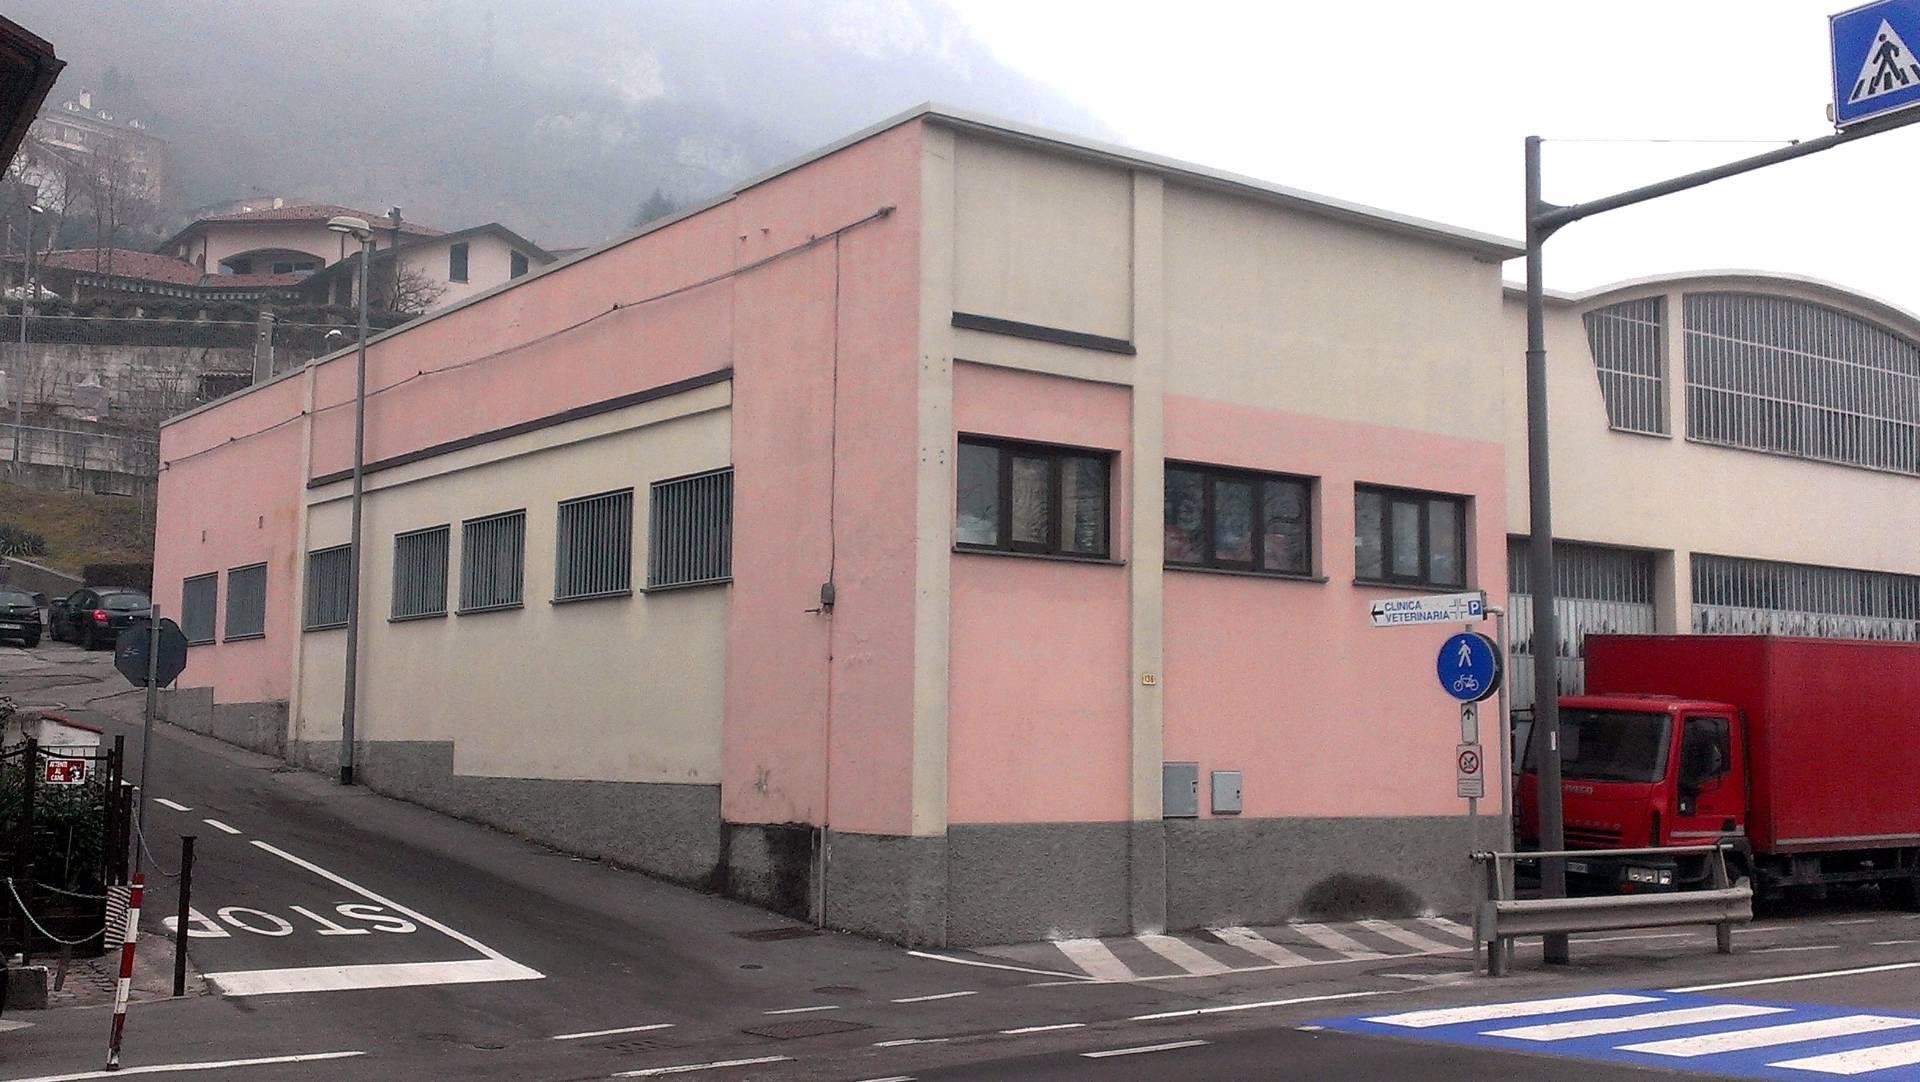 Negozio / Locale in vendita a Pescate, 9999 locali, prezzo € 290.000 | Cambio Casa.it